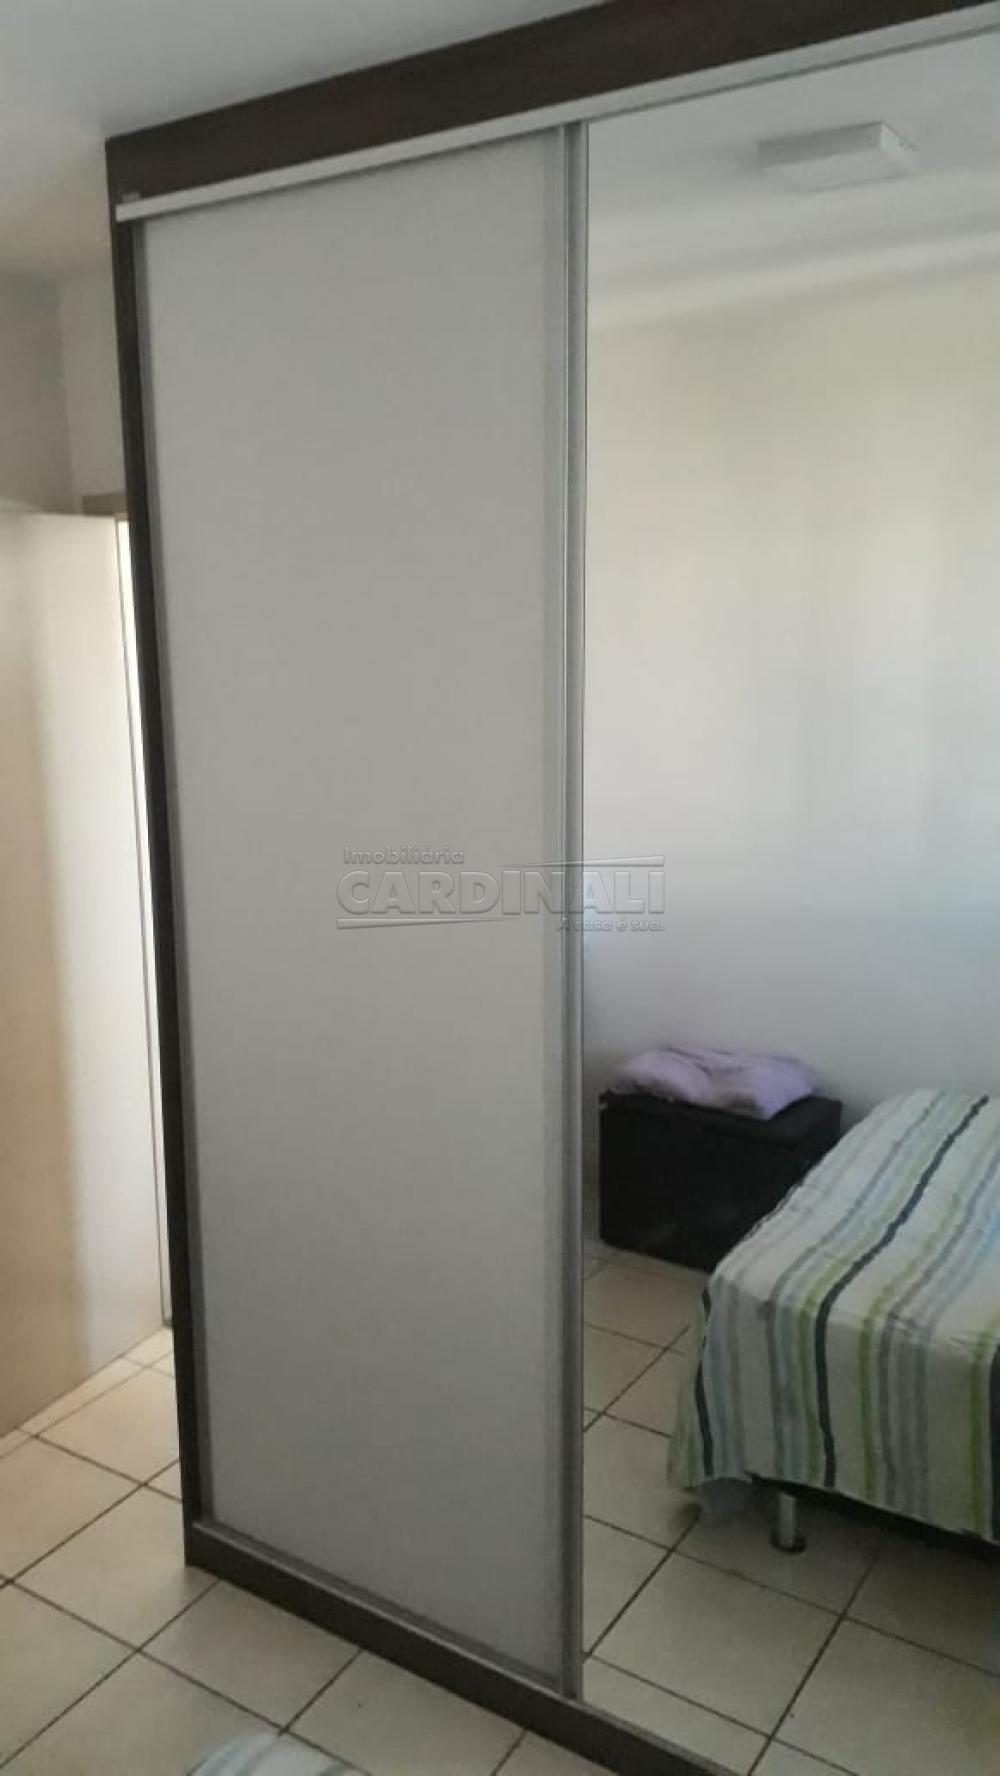 Comprar Apartamento / Padrão em Araraquara R$ 170.000,00 - Foto 9